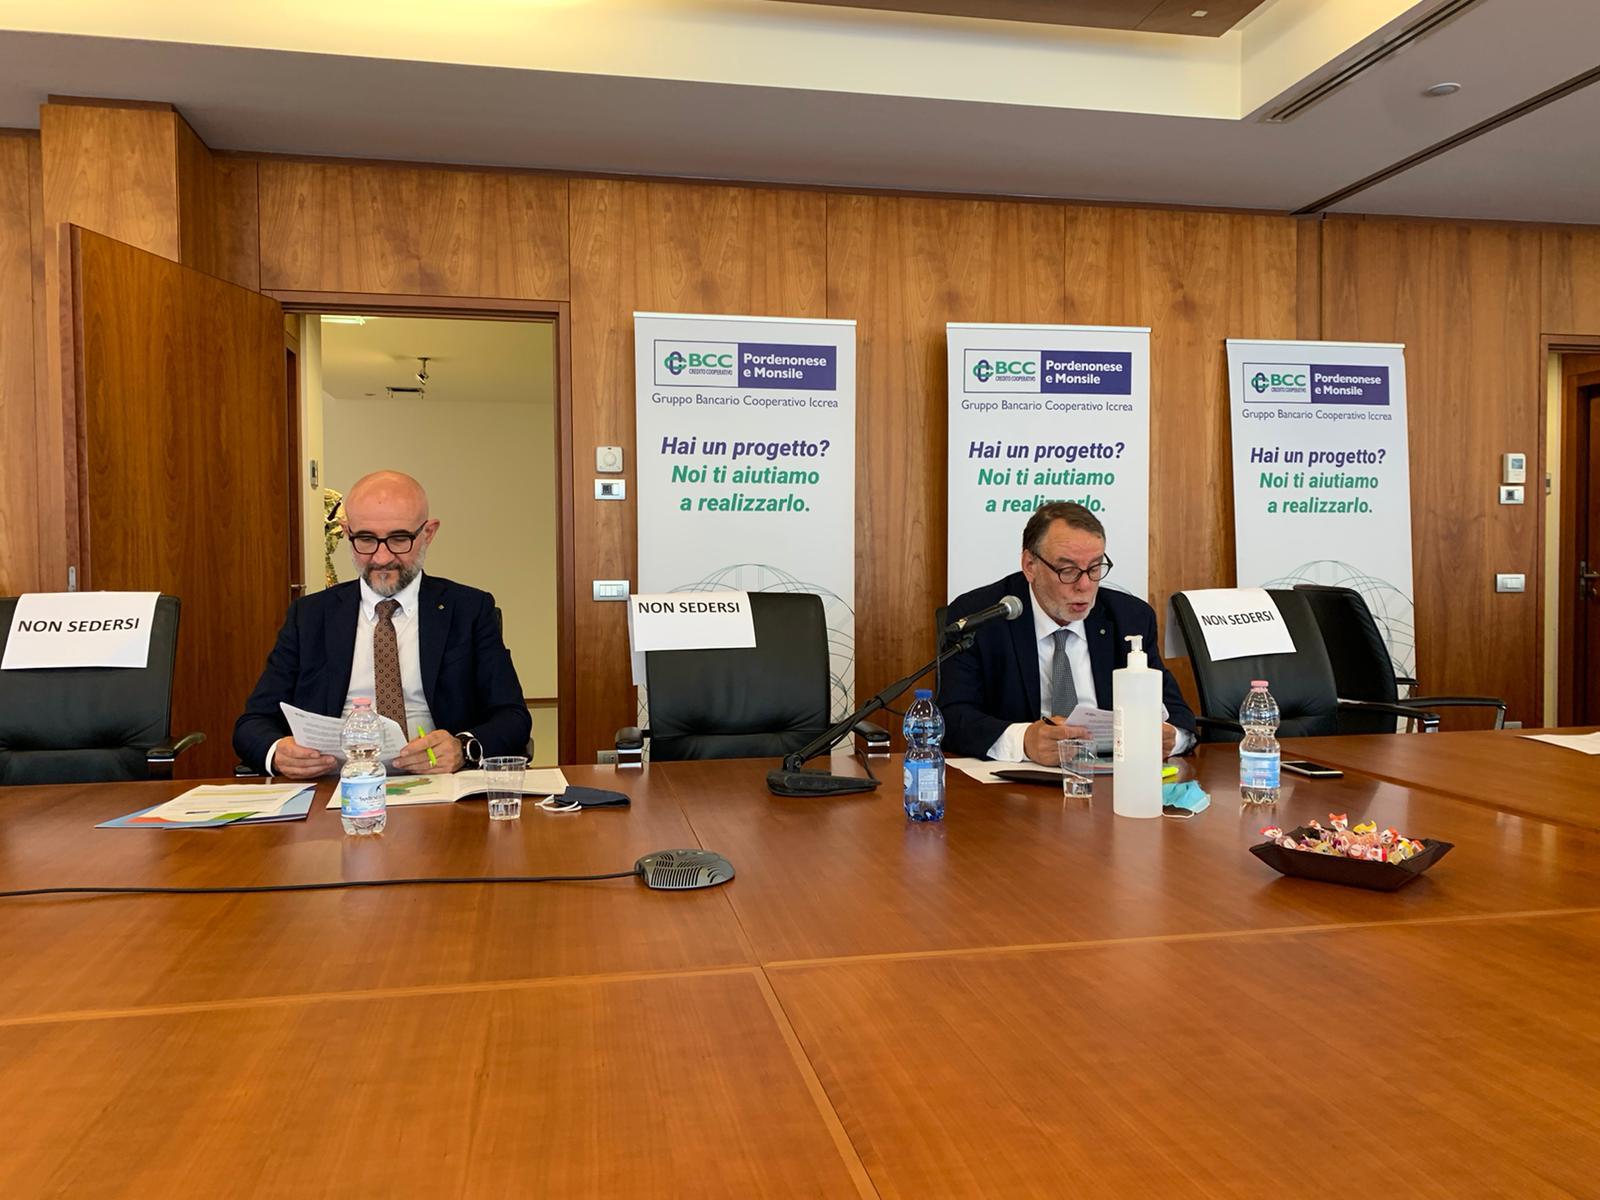 Bcc Pordenonese e Monsile: approvato dai soci il bilancio